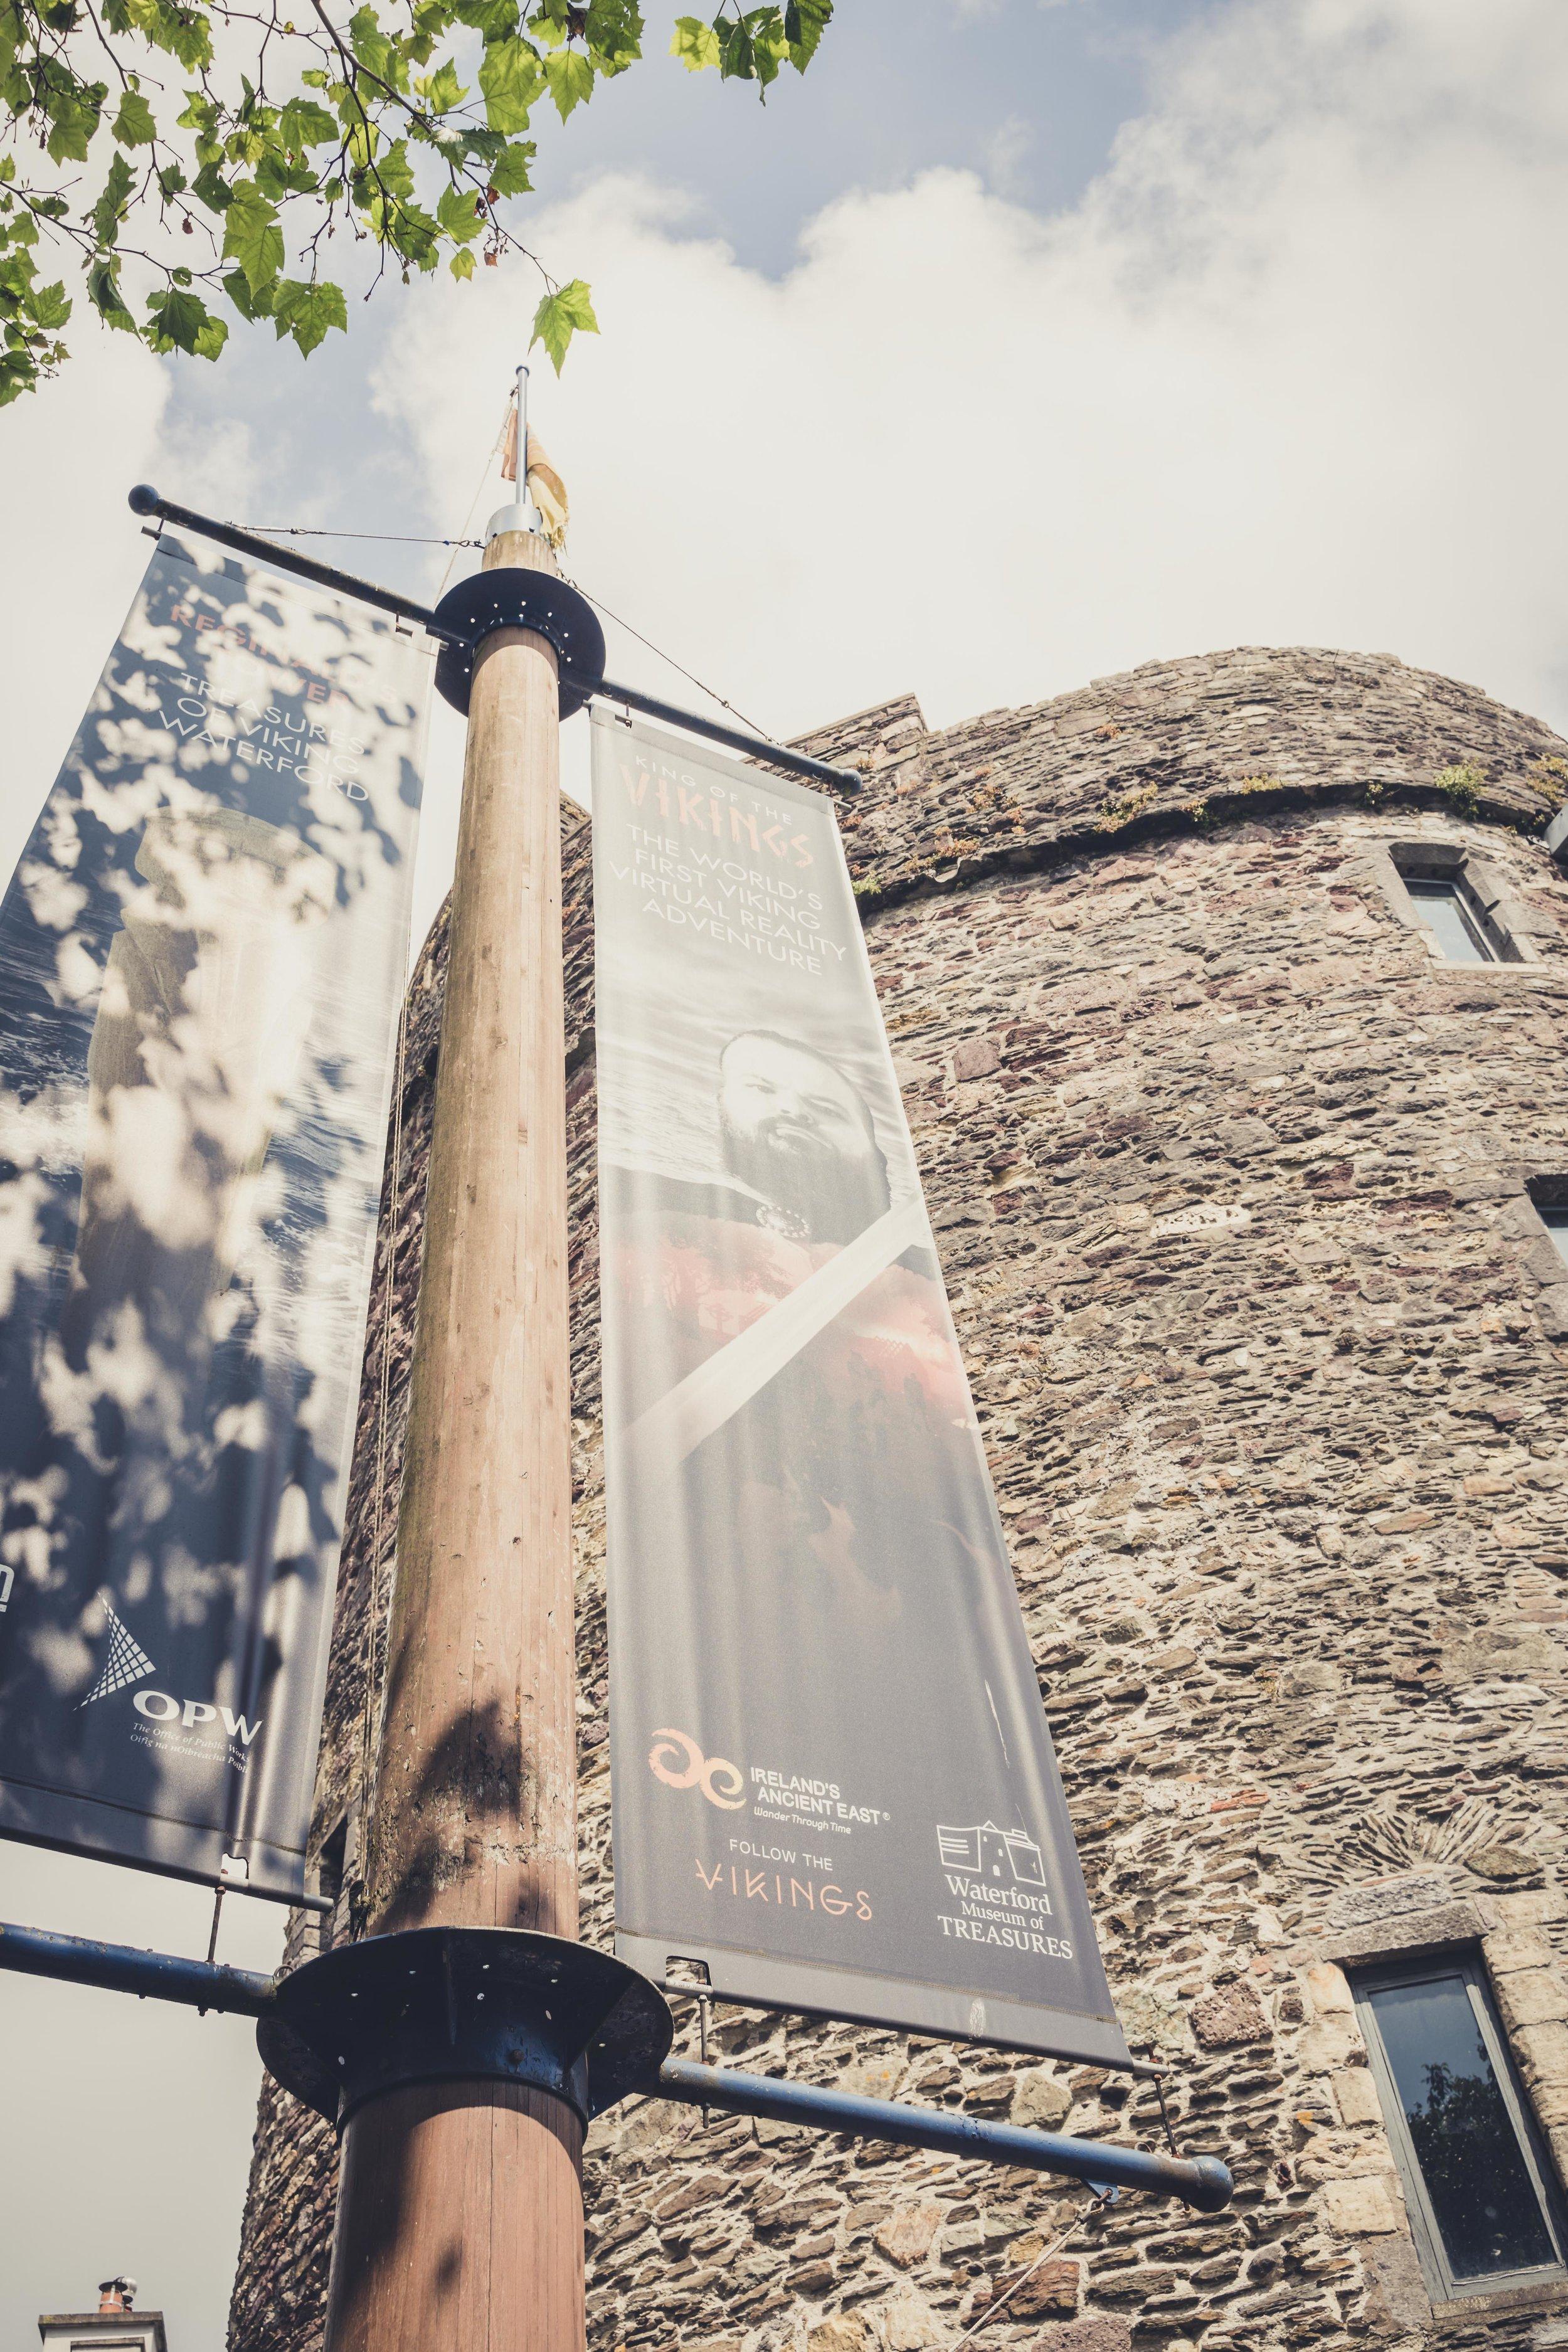 Reginald's Tower waterford ireland sign.jpg